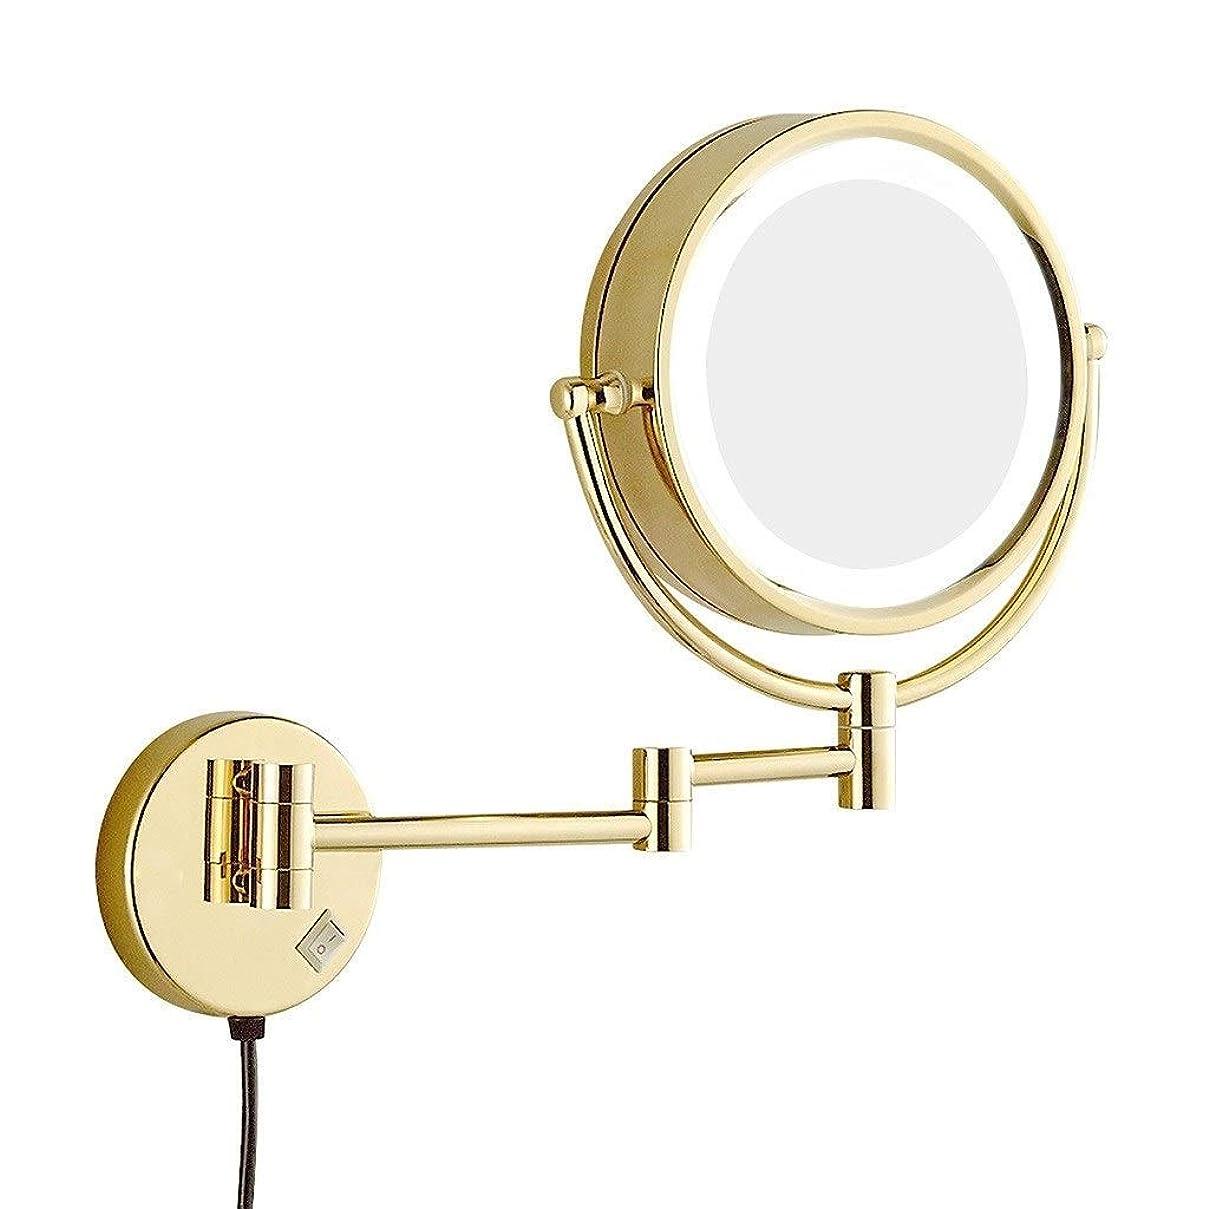 サバント不運プレビスサイト取り付けられた化粧鏡8インチ7 X拡大ビューティーミラーゴールドLED化粧鏡バスルーム伸縮式折りたたみ壁掛け式両面化粧鏡(色:ゴールド、サイズ:8インチ7X)